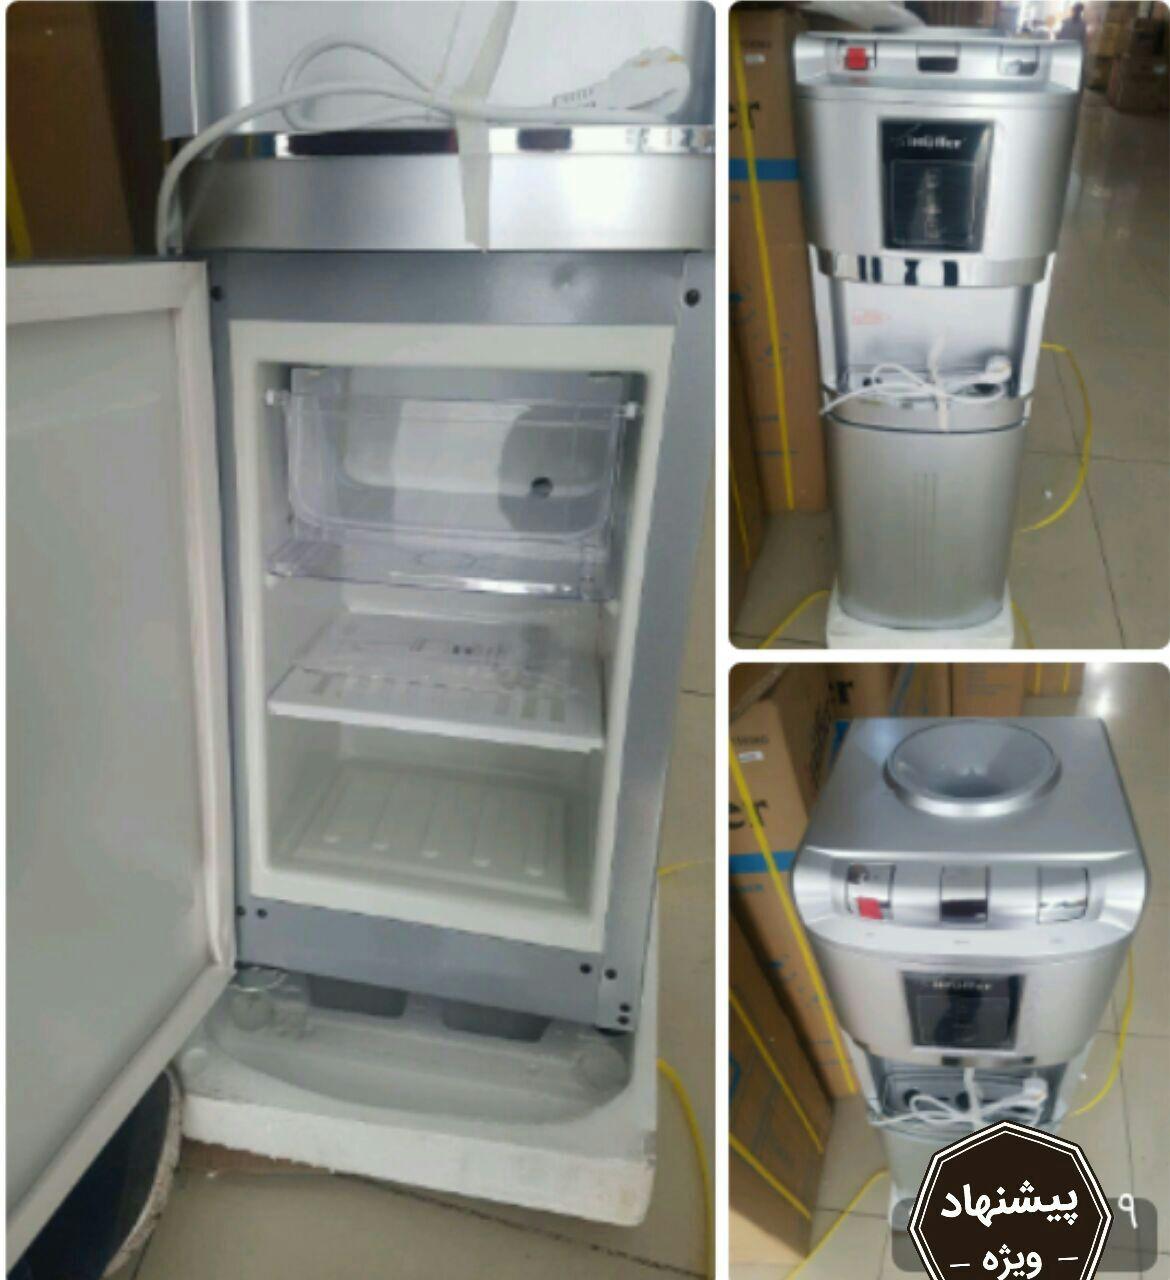 آبسرد کن Ihuffer آی هوفر  ۳ شیر مجهز به یخچال و جایخی